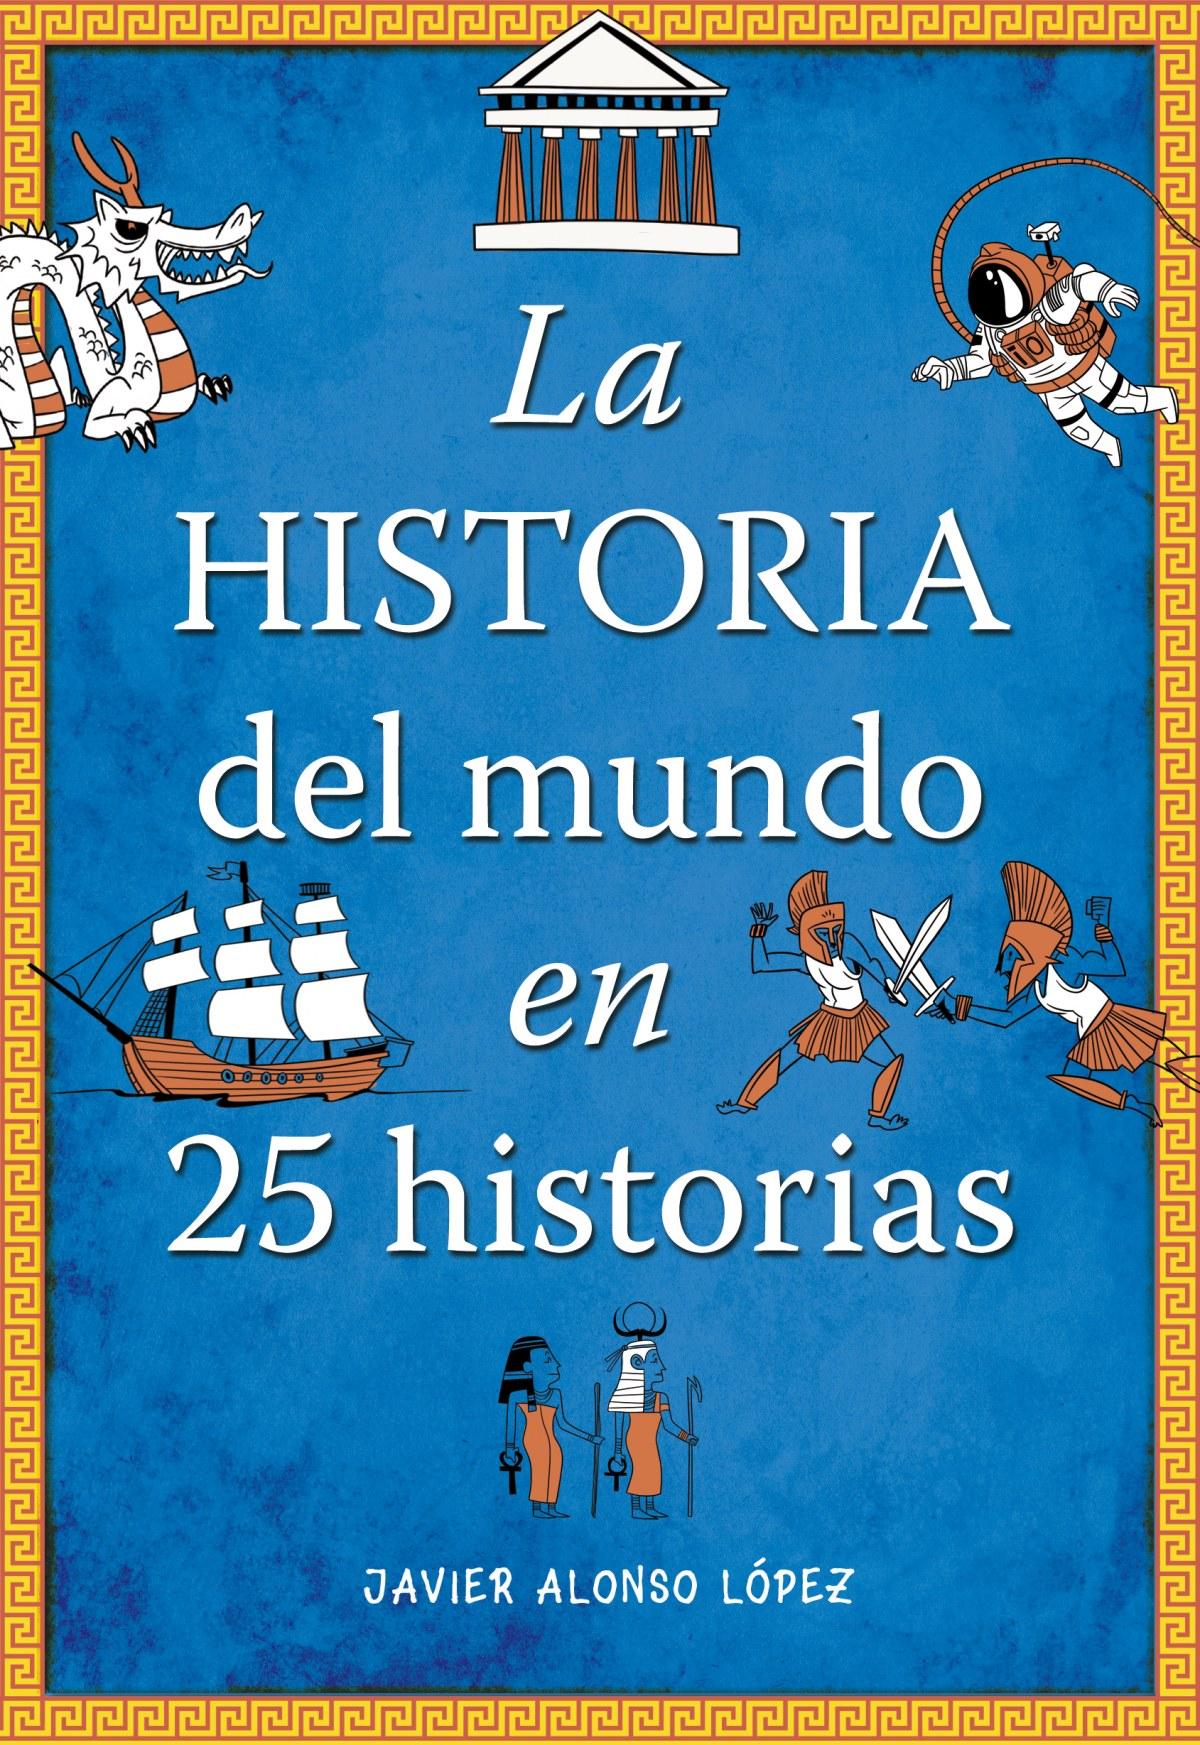 La historia del mundo en 25 historias 9788490430415